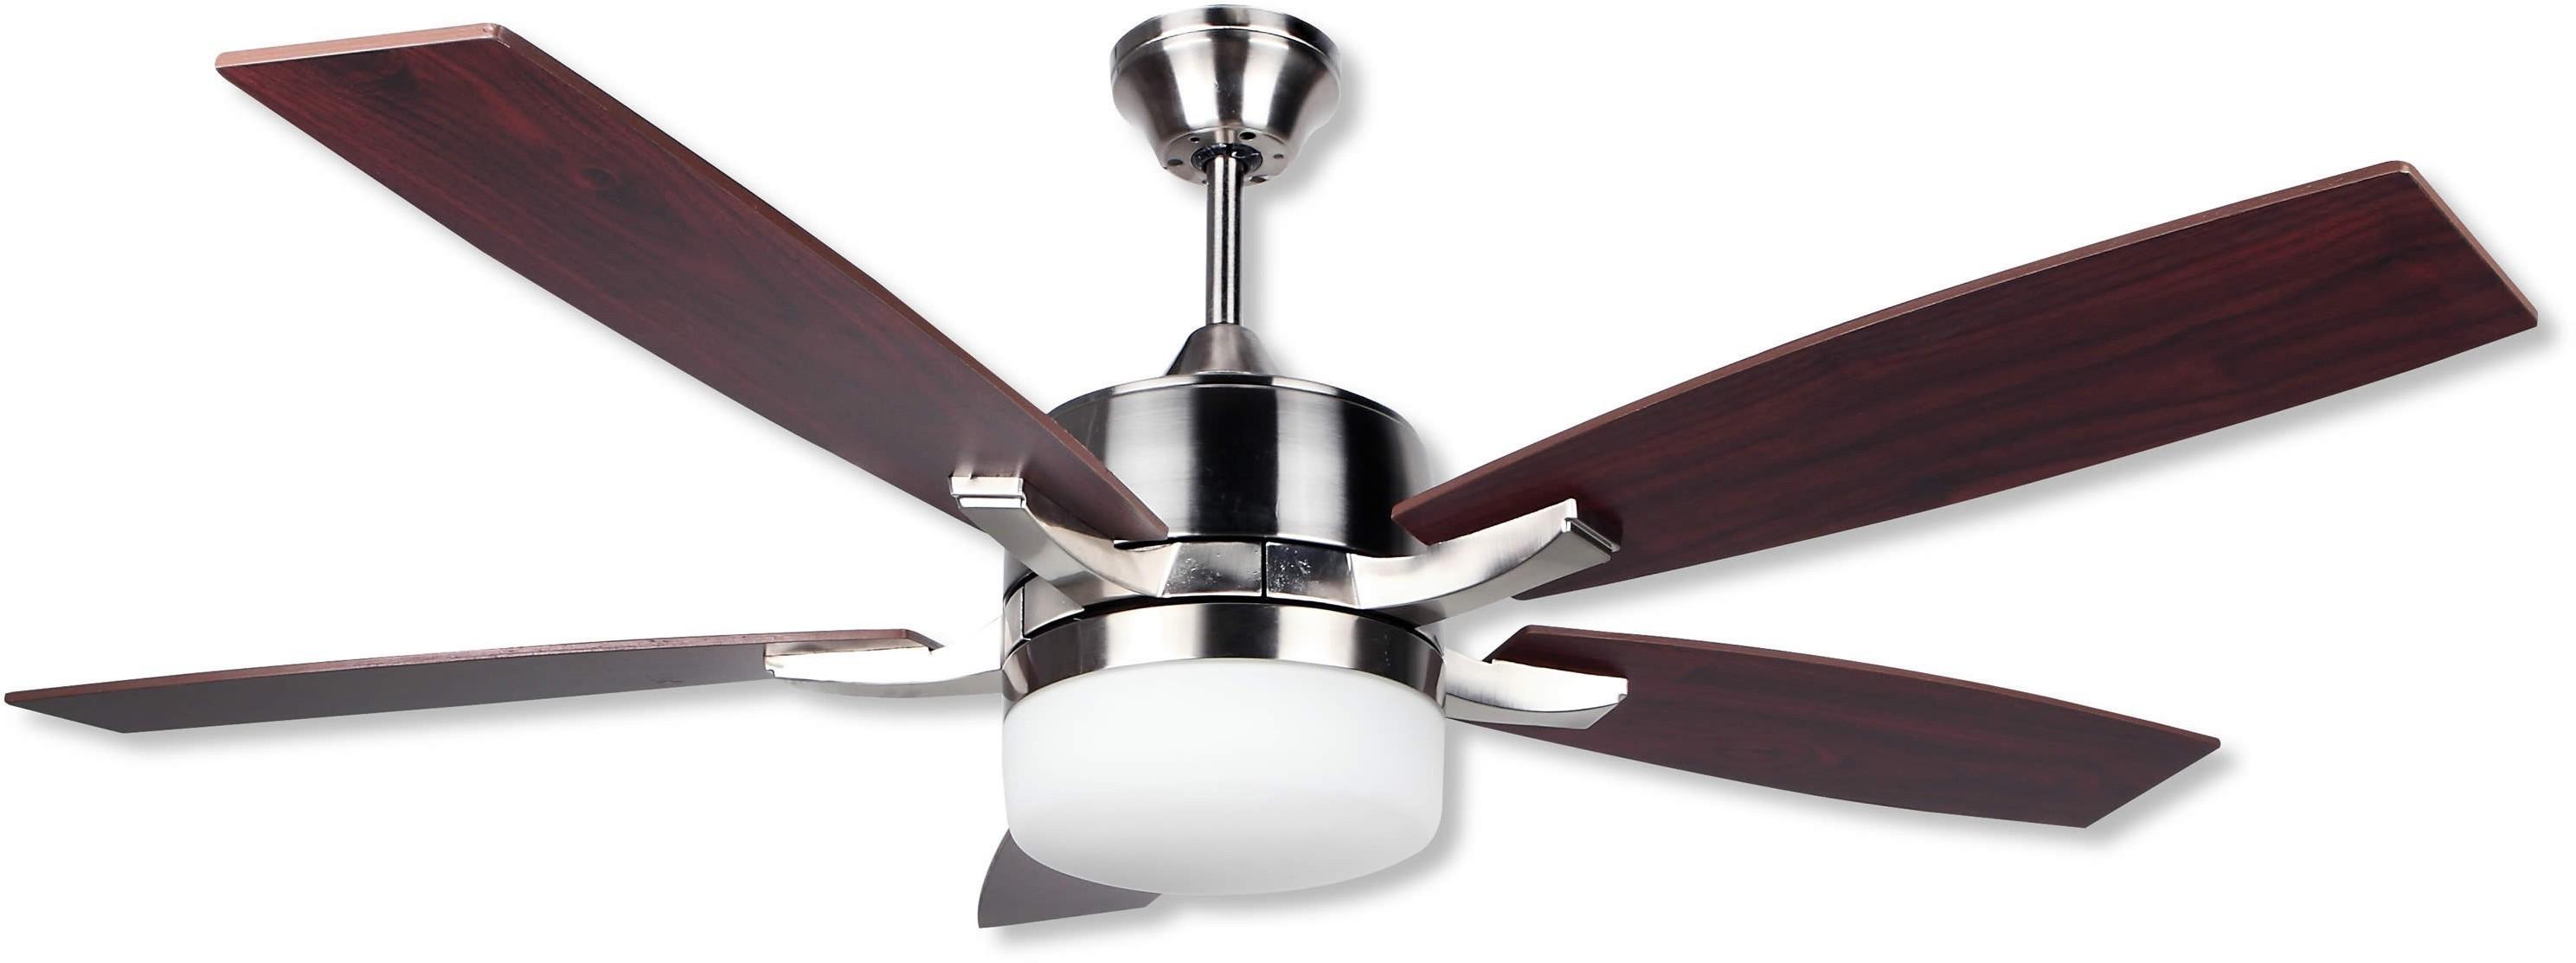 Ventilador Orbegozo CP79132 Techo 132cm Luz